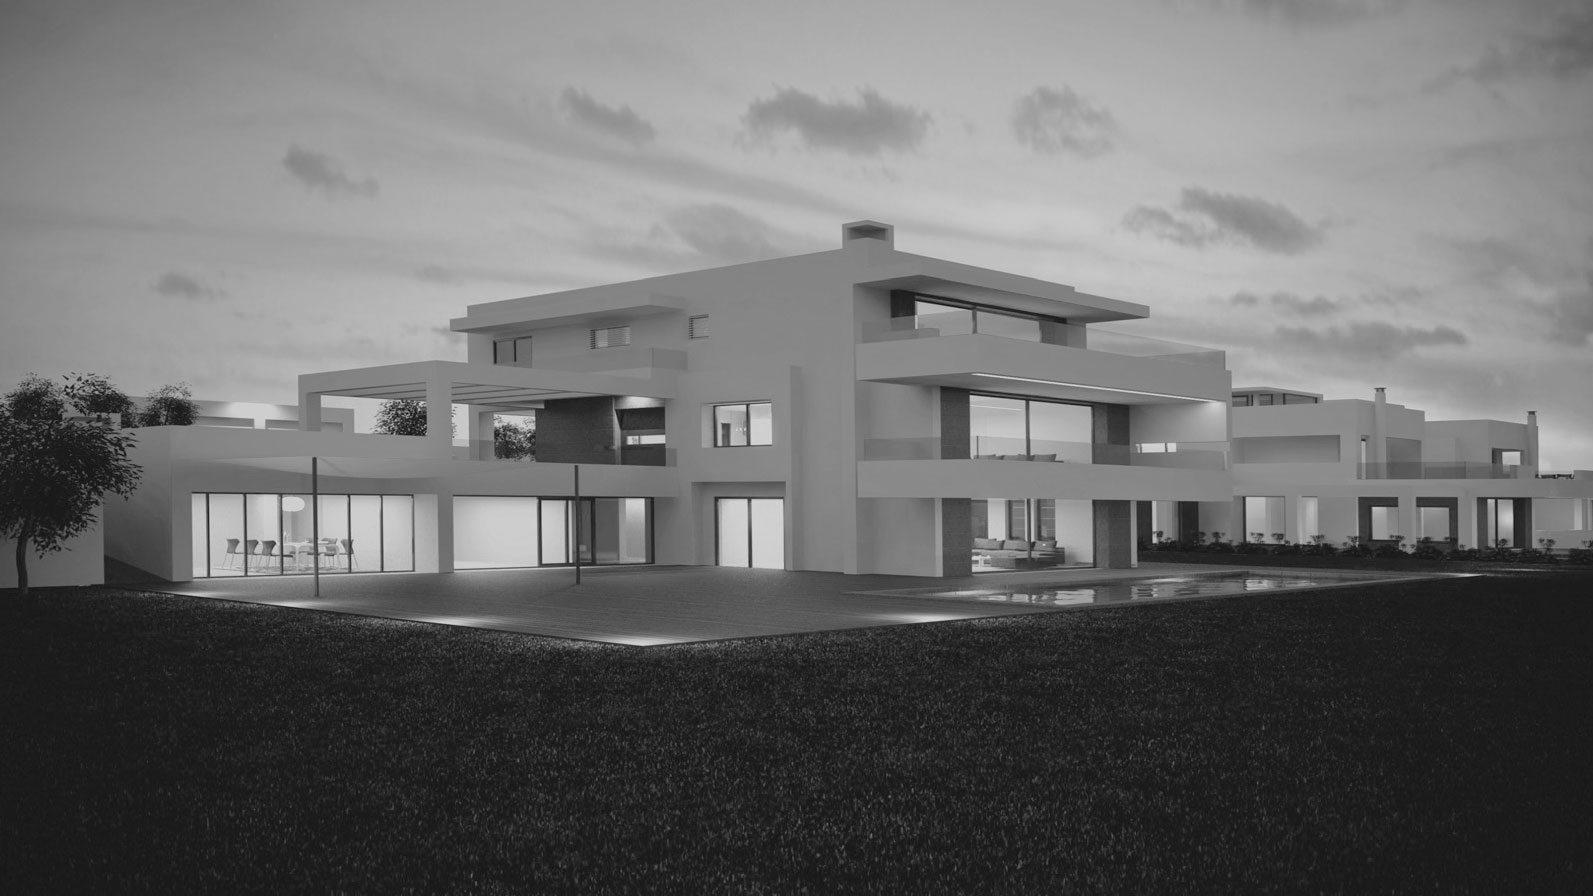 archicostudio_four-villas_featured-img